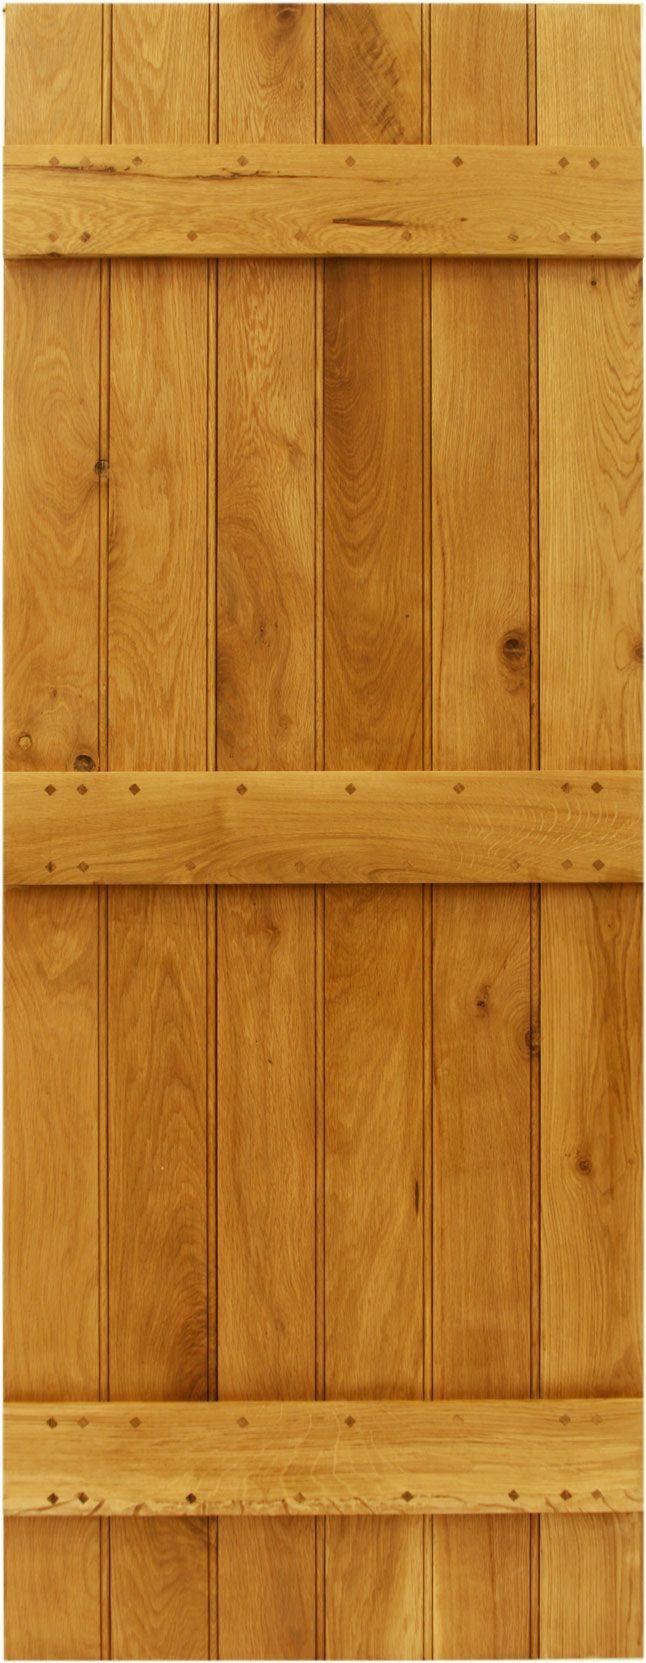 Solid oak ledge door with optional braces #doors